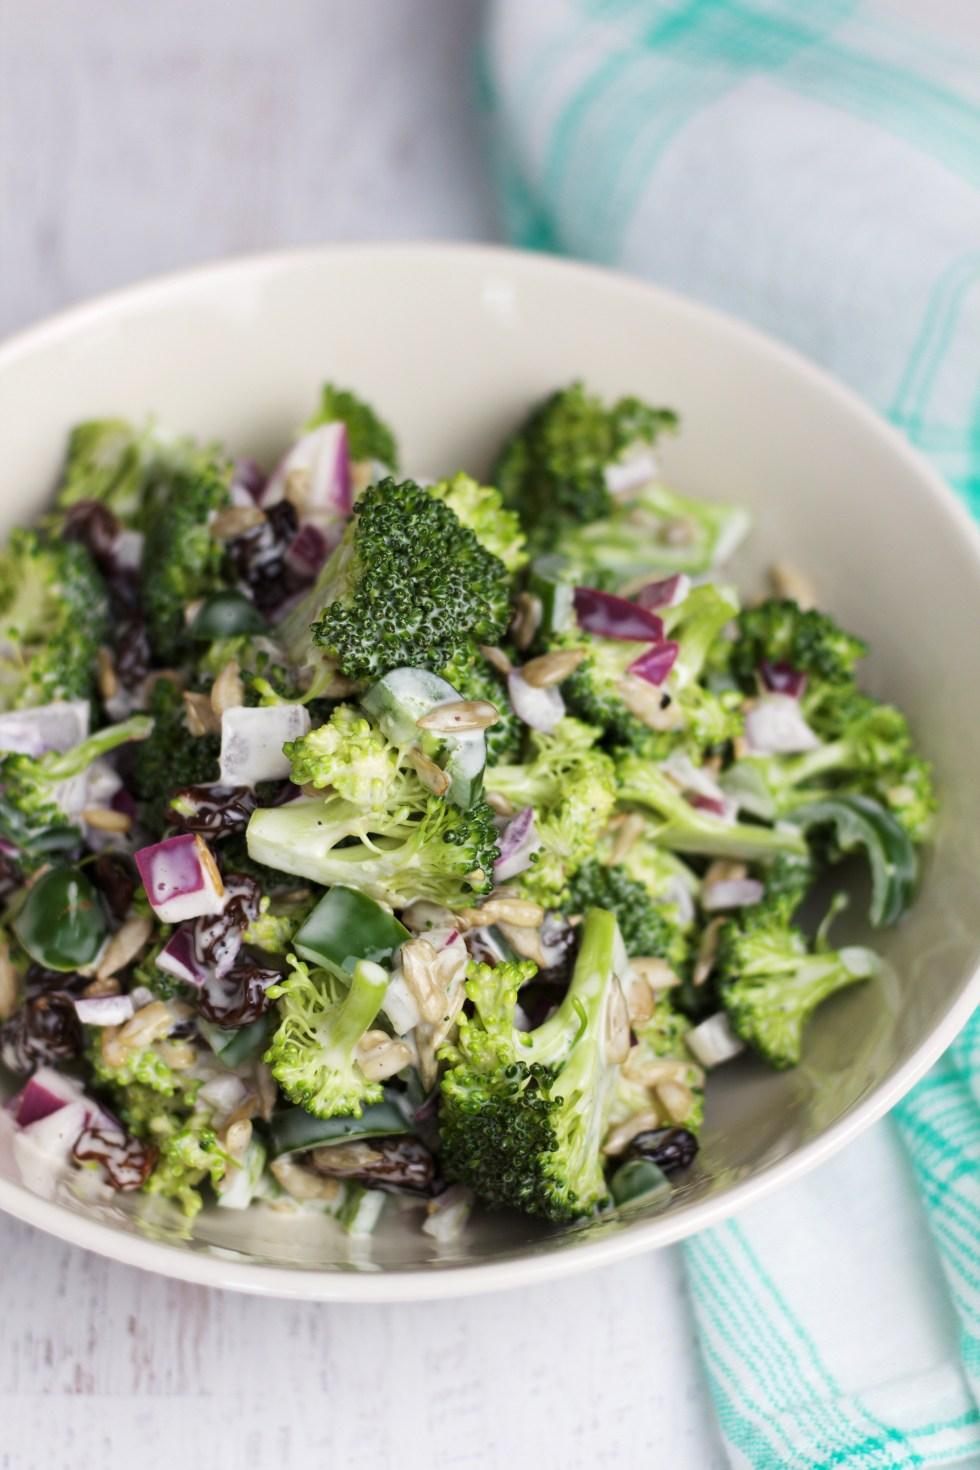 Spicy Broccoli Salad